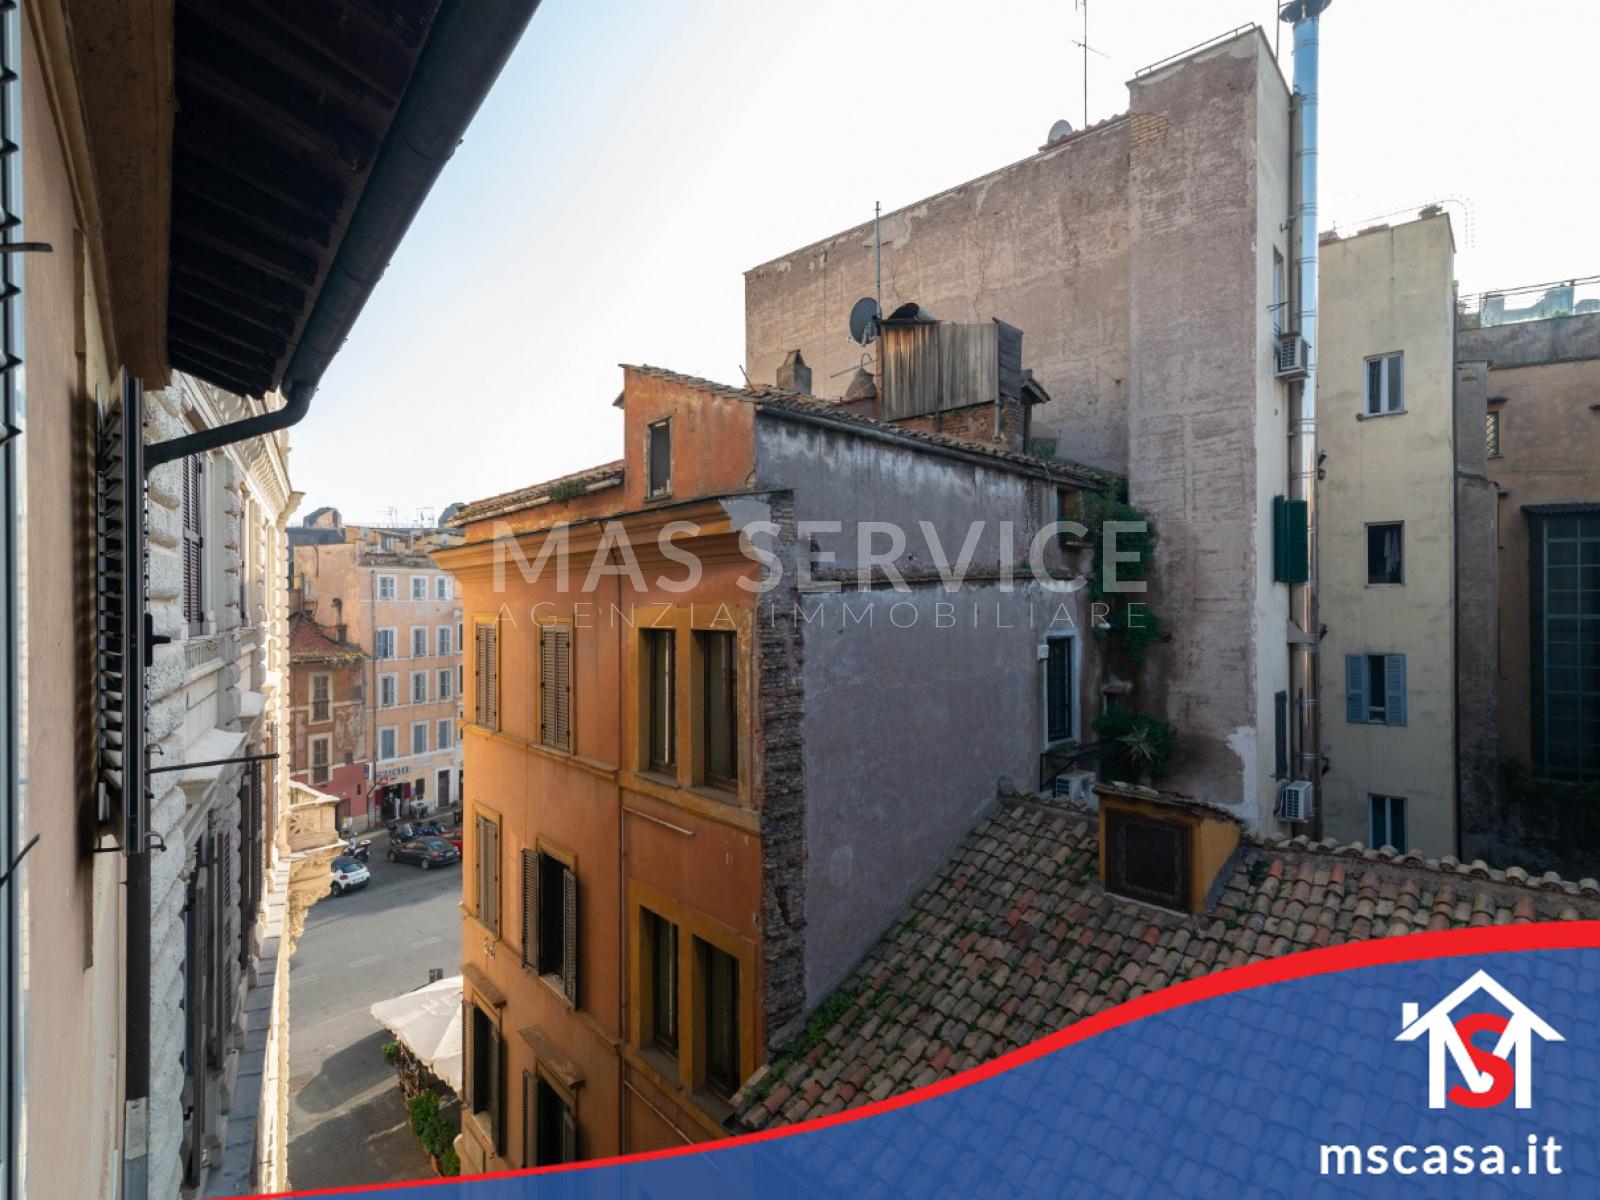 Attico in vendita zona Monti Colosseo a Roma vista Affaccio altra prospettiva